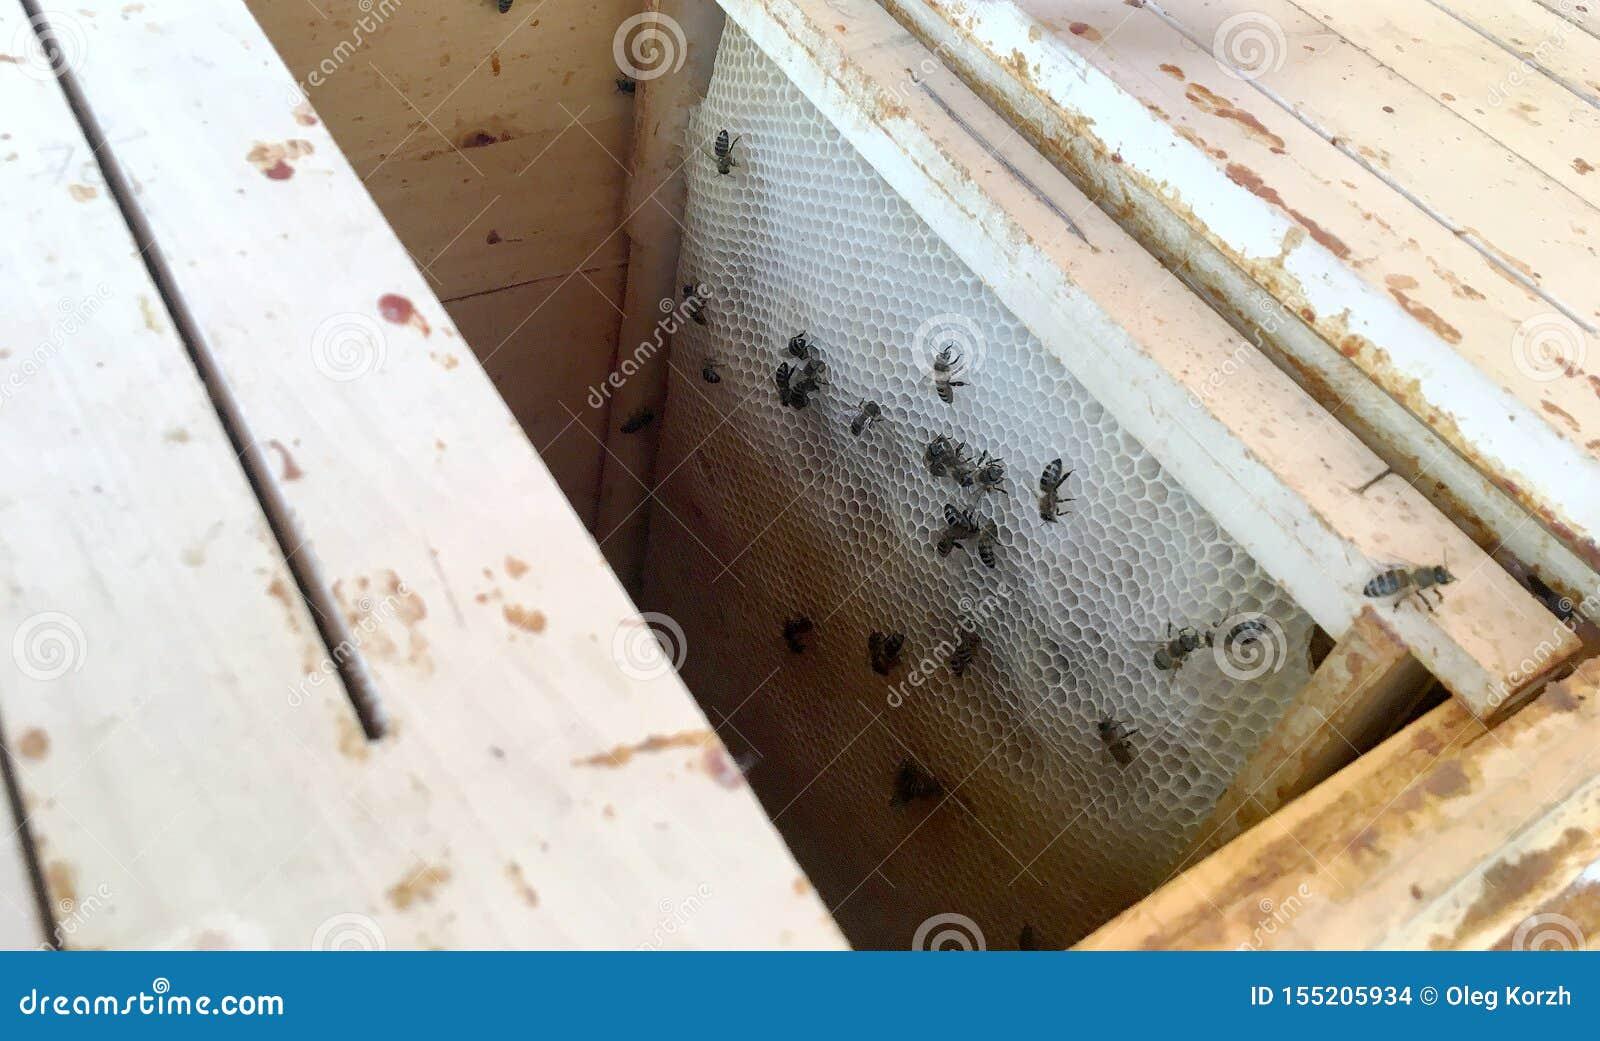 Oskrzydlona pszczoła wolno lata ul zbiera nektar na intymnej pasiece